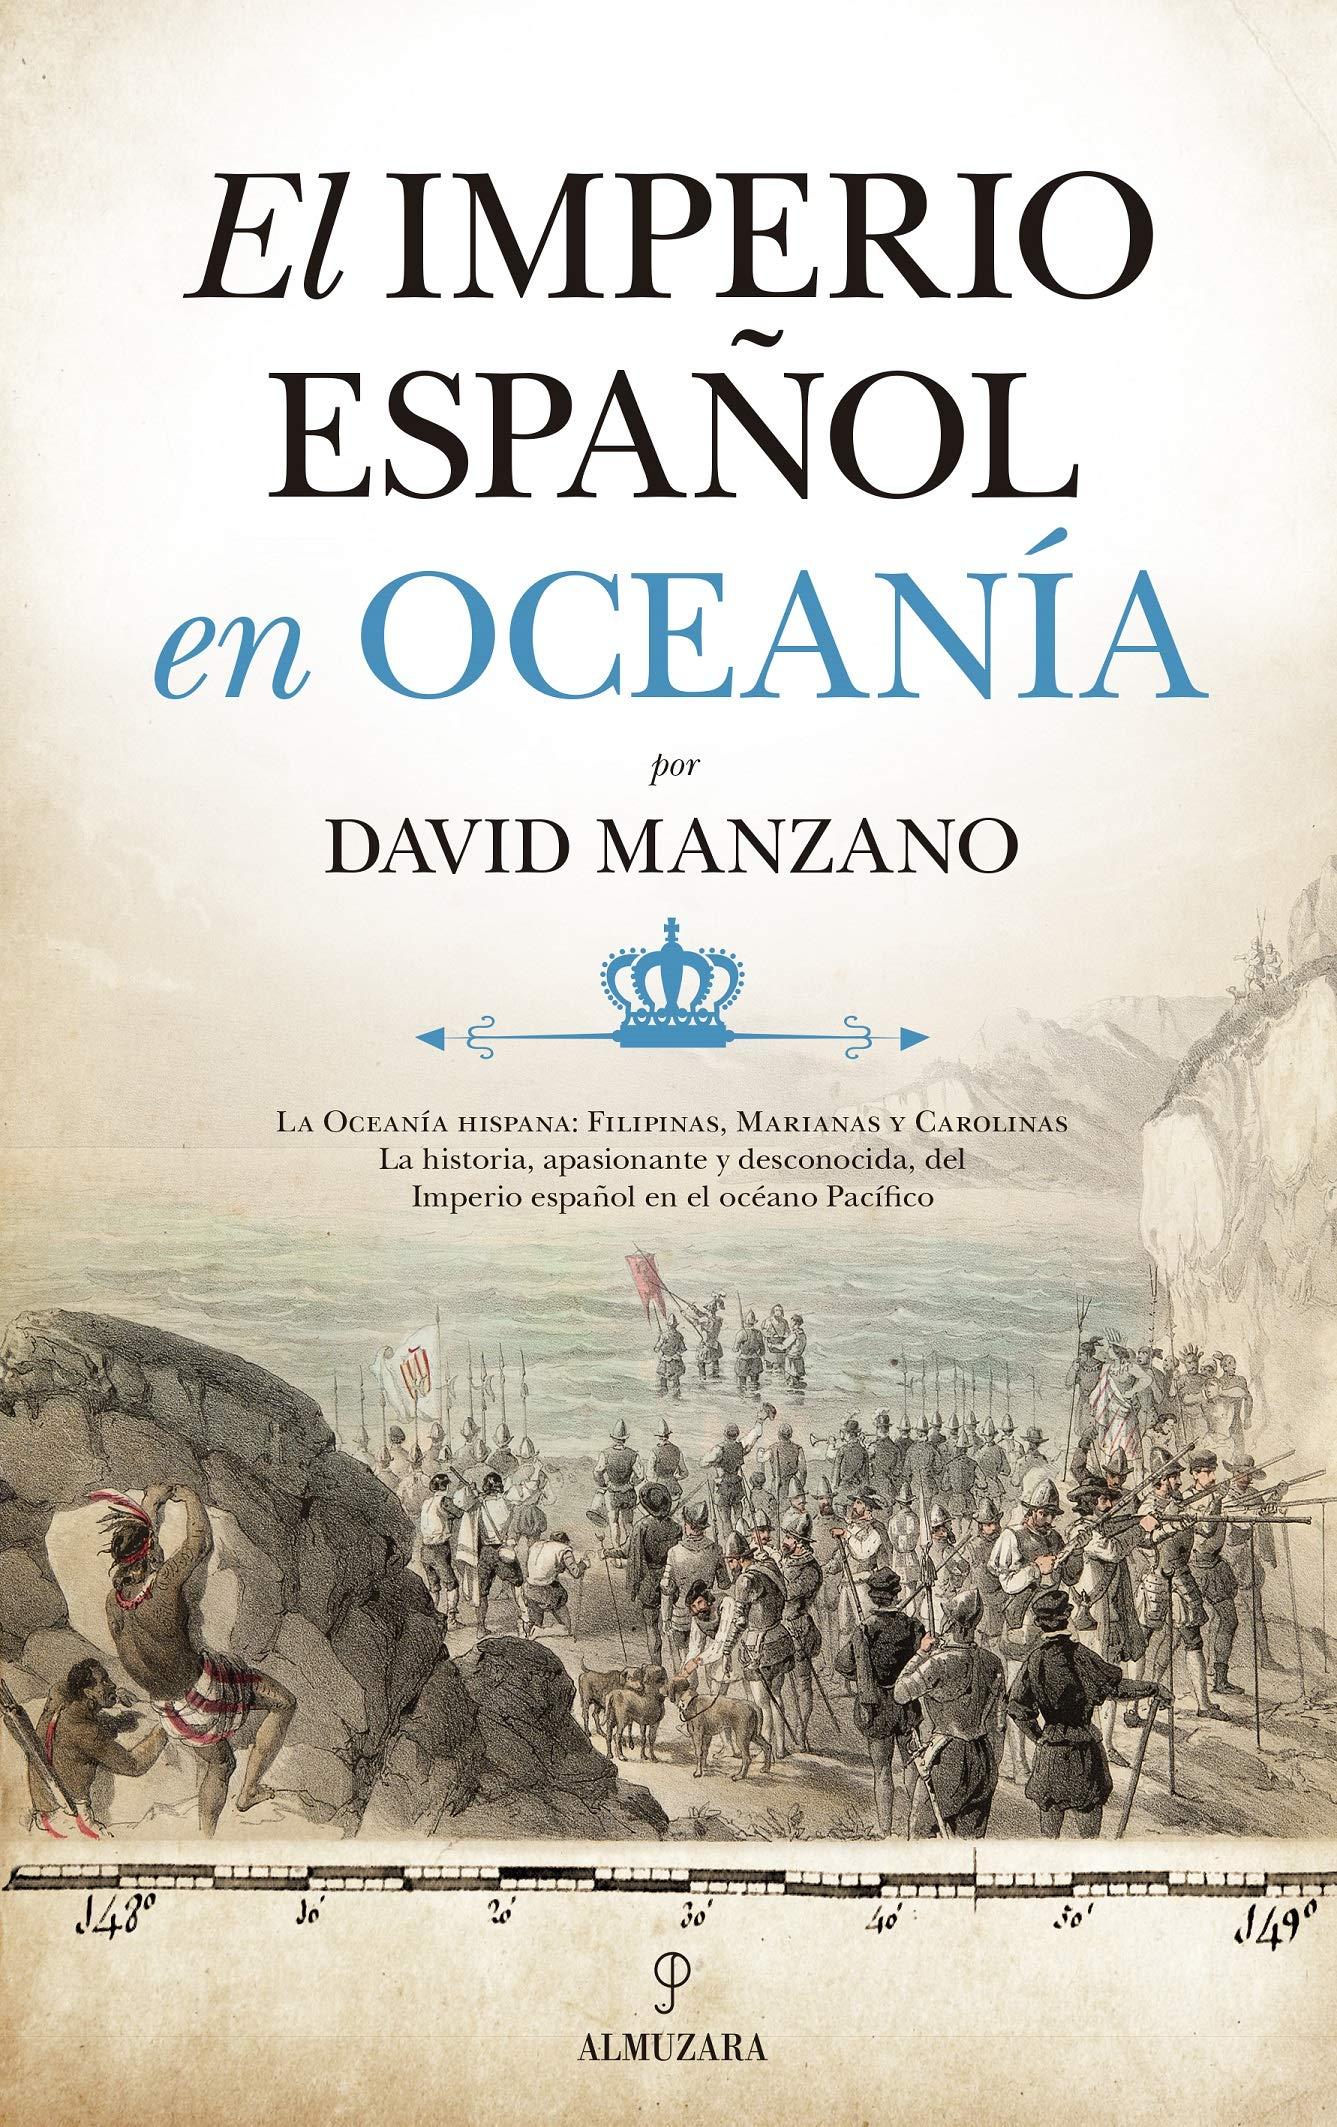 El Imperio español en Oceanía (Historia): Amazon.es: David Manzano Cosano: Libros